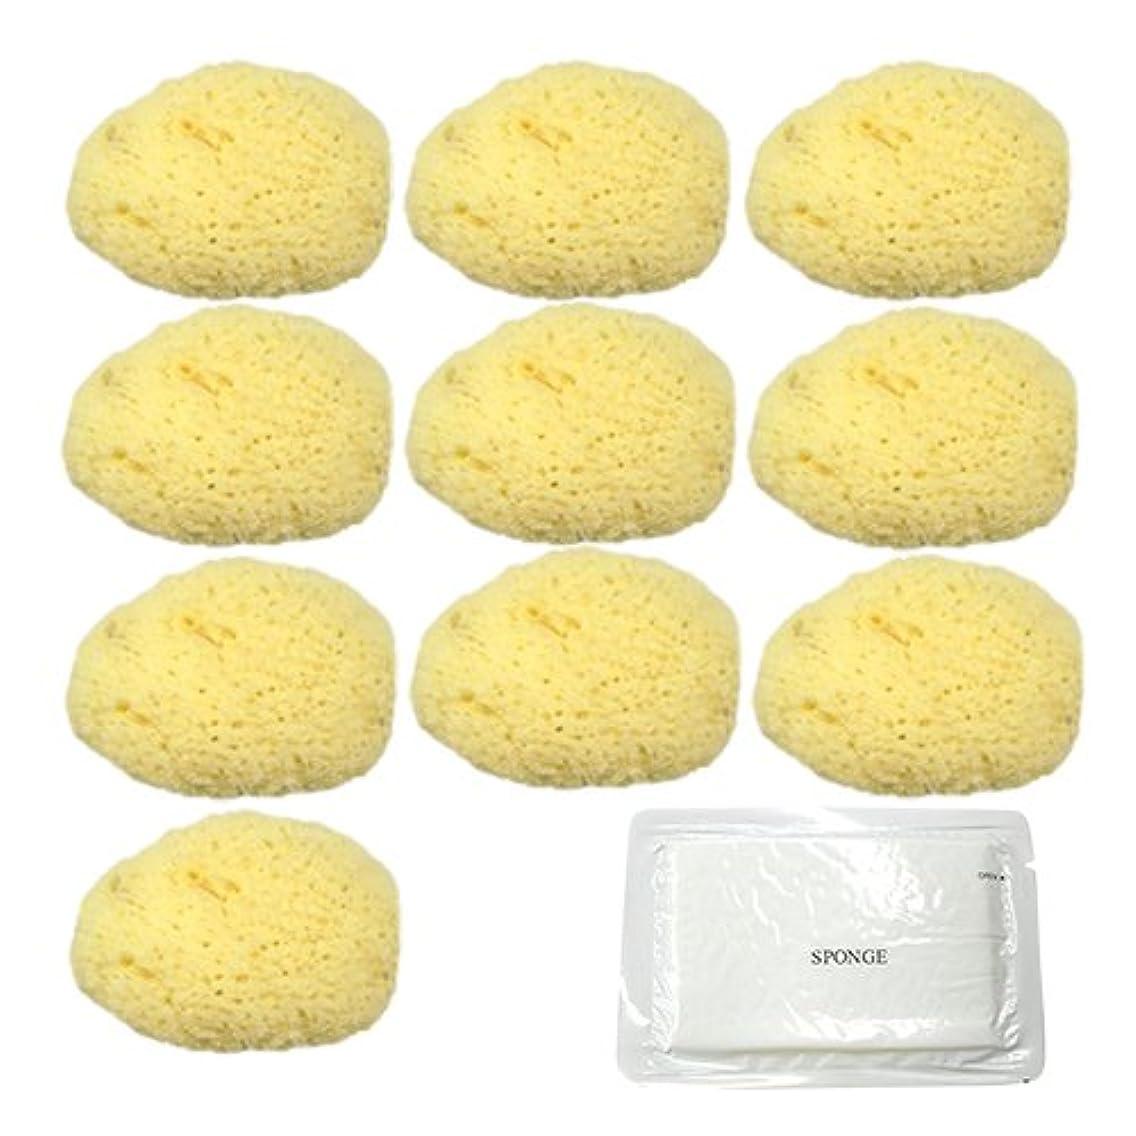 ケーブル受賞動詞ユタカ 天然海綿スポンジ(フェイススポンジ) 大 × 10個 + 圧縮スポンジセット